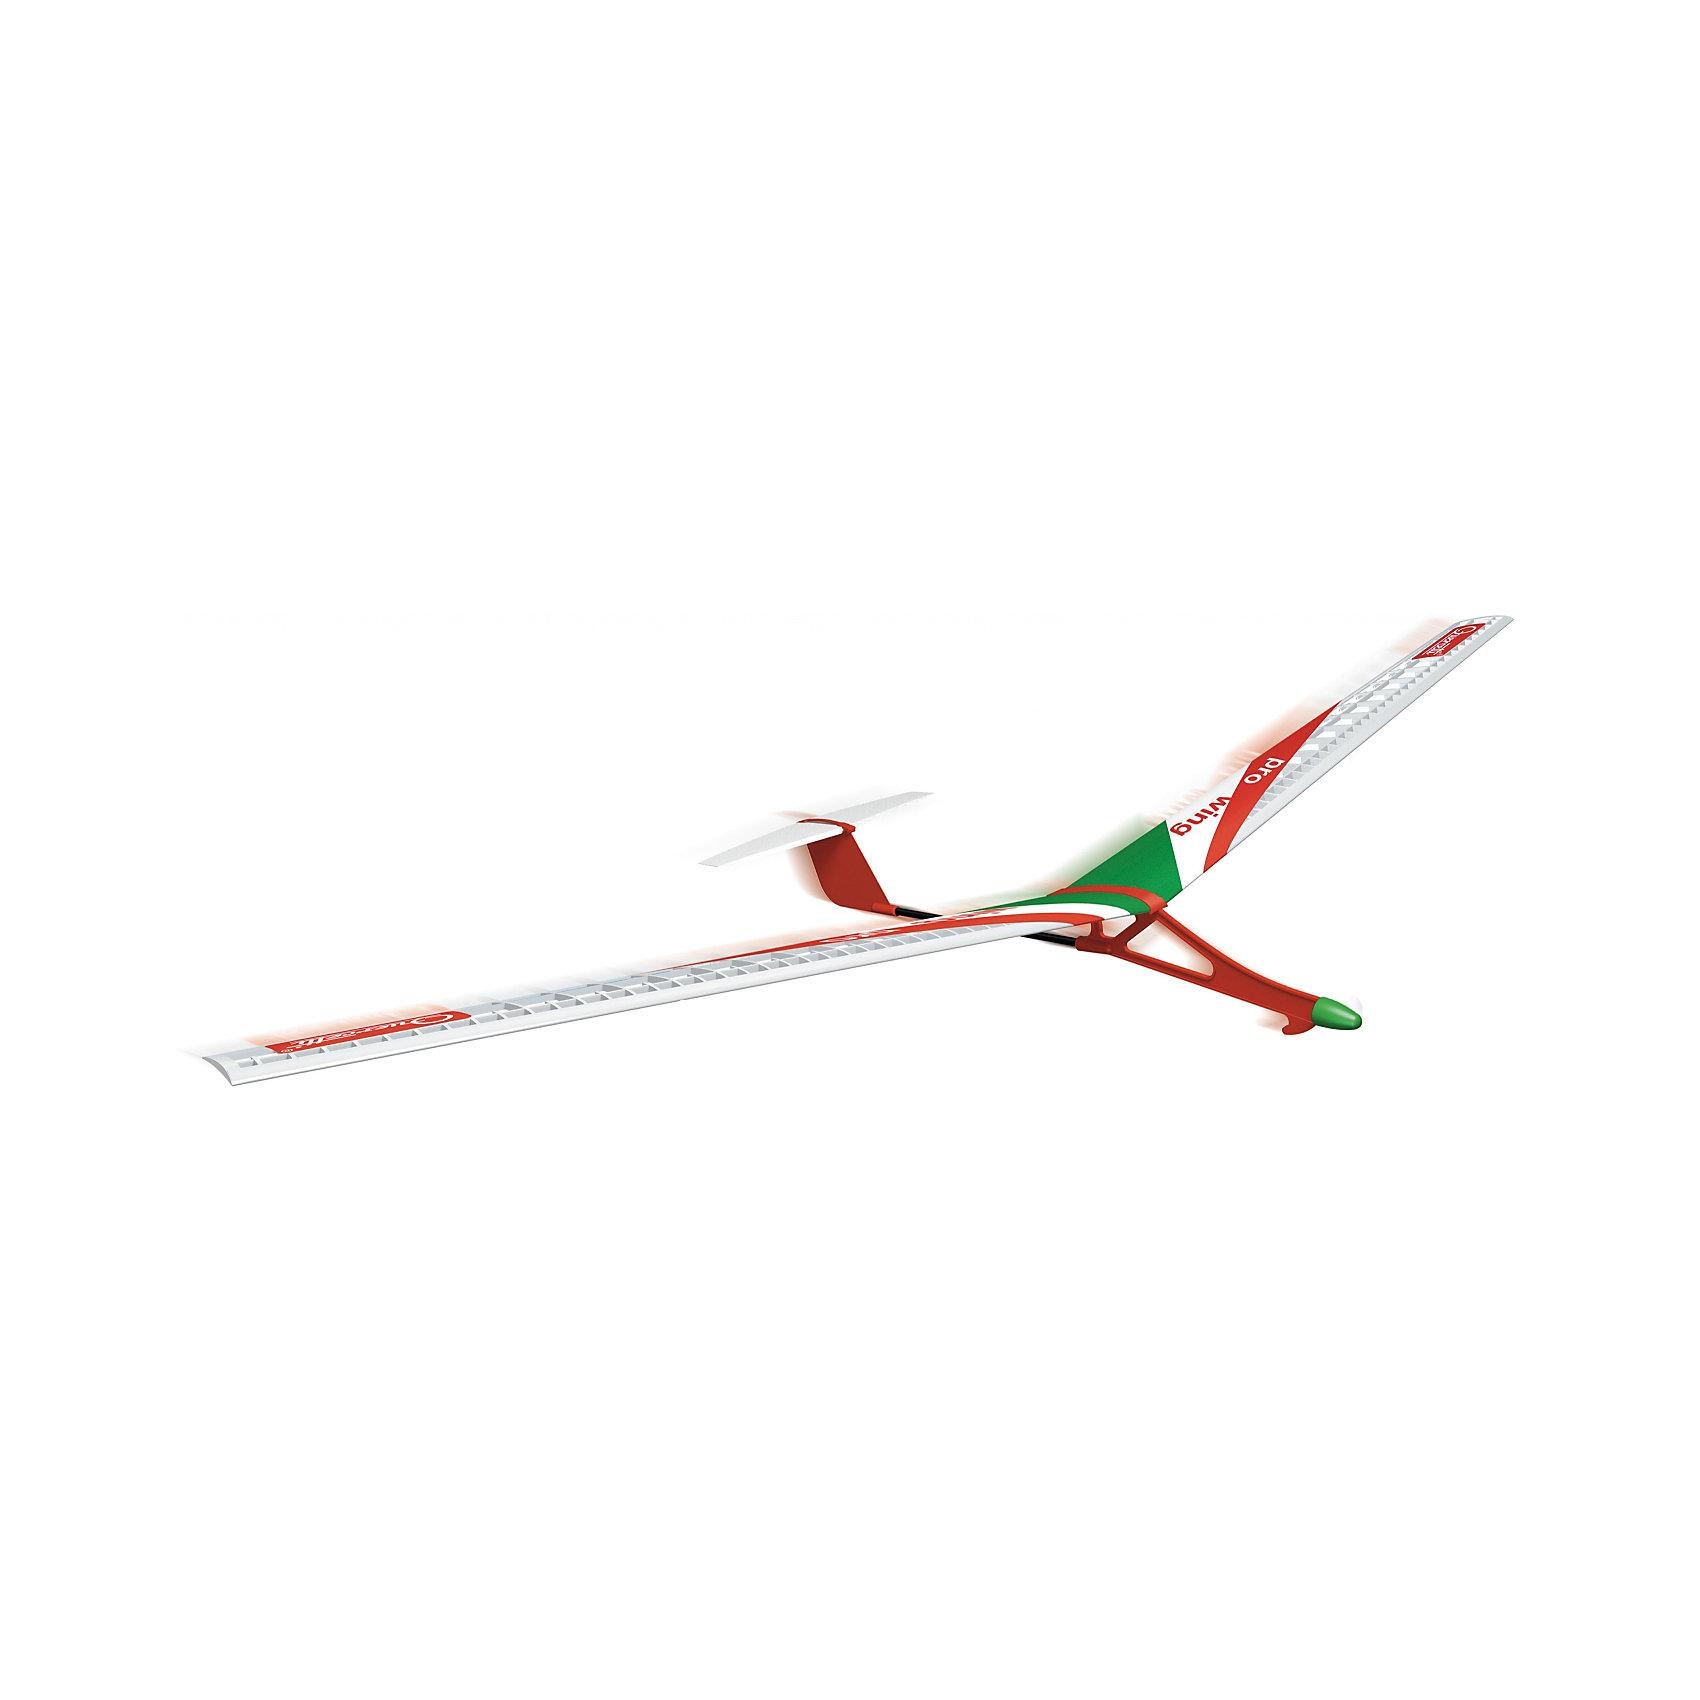 """Конструктор """"Самолет Про-Крыло"""", QuercettiКонструктор """"Самолет Про-Крыло"""", Quercetti (Кверсетти).<br><br>Характеристики:<br><br>- В наборе: корпус самолета, два крыла, привод, стабилизатор, инструкция<br>- Размах крыльев: 60 см.<br>- Материал: высококачественный пластик<br>- Упаковка: картонная коробка<br>- Размер упаковки: 39 х 22 х 2 см.<br>- Вес: 130 гр.<br><br>Конструктор «Самолет Про-Крыло» от итальянского производителя Quercetti (Кверсетти) позволит вашему ребенку собрать удивительно изящную и красивую модель самолета, повторяющую дизайн реального самолета-планера. Модель может быть собрана вашим ребенком самостоятельно, в несколько простых шагов. Готовый планер обладает высокими аэродинамическими свойствами, он легкий с тонкими крыльями, снижающими сопротивление воздушным потокам. Самолет запускается вручную на открытых пространствах. Благодаря малому весу, он может полететь достаточно далеко, прежде чем приземлиться. Элементы конструктора изготовлены из безопасного качественного пластика, окрашены нетоксичными гипоаллергенными красками. Пластиковые детали изделия можно мыть. Игрушка поможет ребенку развить логическое мышление, мелкую моторику рук, творческие способности.<br><br>Конструктор """"Самолет Про-Крыло"""", Quercetti (Кверсетти) можно купить в нашем интернет-магазине.<br><br>Ширина мм: 220<br>Глубина мм: 36<br>Высота мм: 170<br>Вес г: 133<br>Возраст от месяцев: 72<br>Возраст до месяцев: 2147483647<br>Пол: Мужской<br>Возраст: Детский<br>SKU: 5140066"""